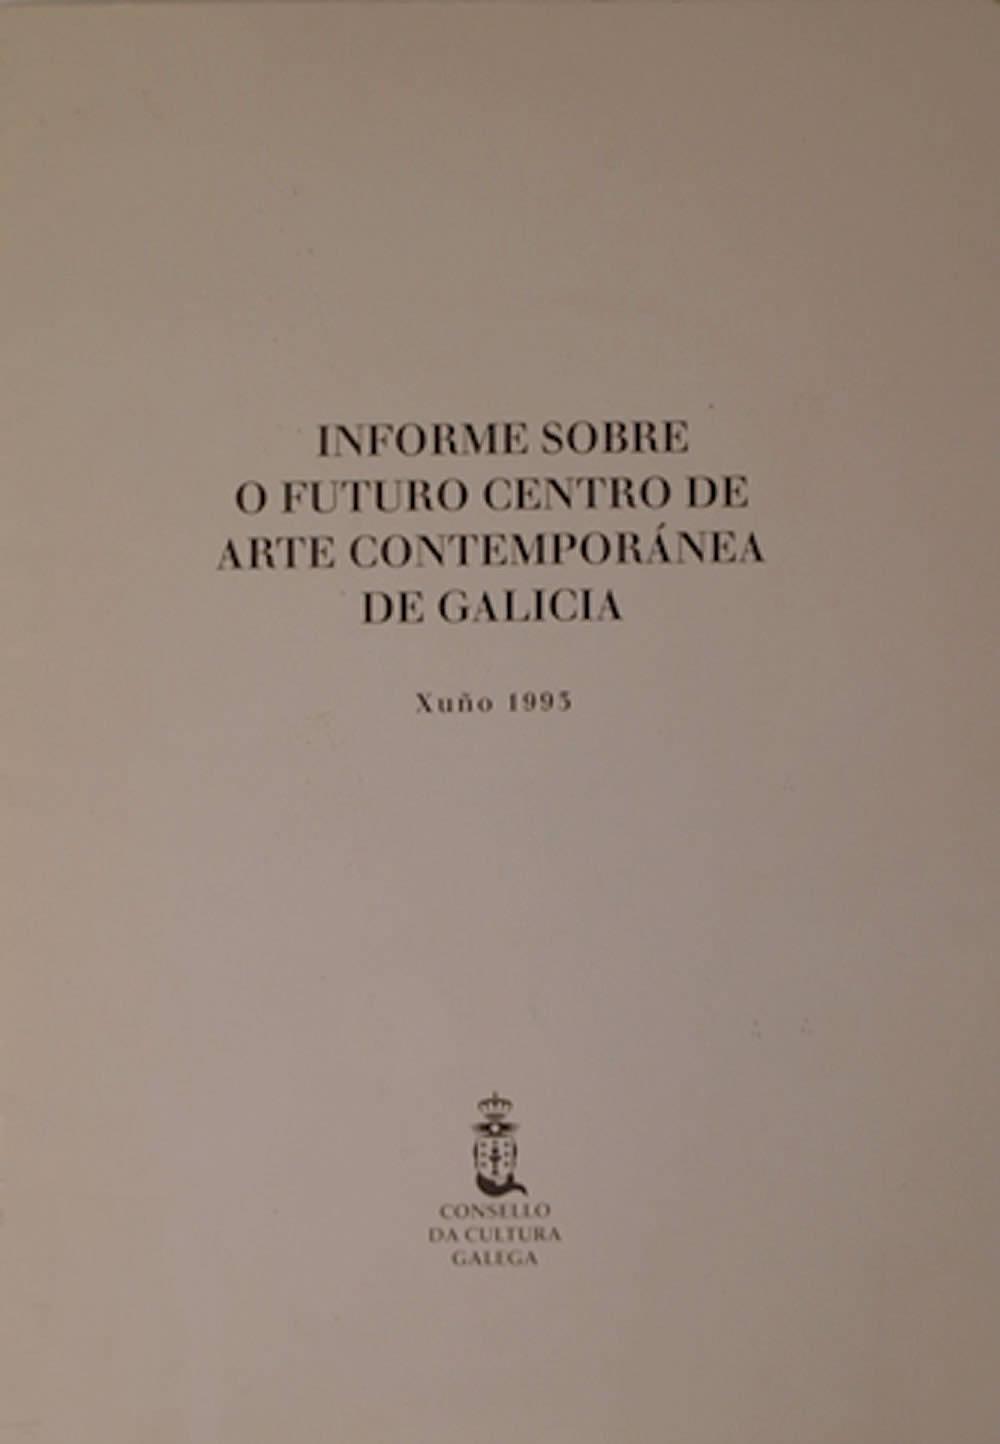 Portada de  Informe sobre o futuro Centro de Arte Contemporánea de Galicia